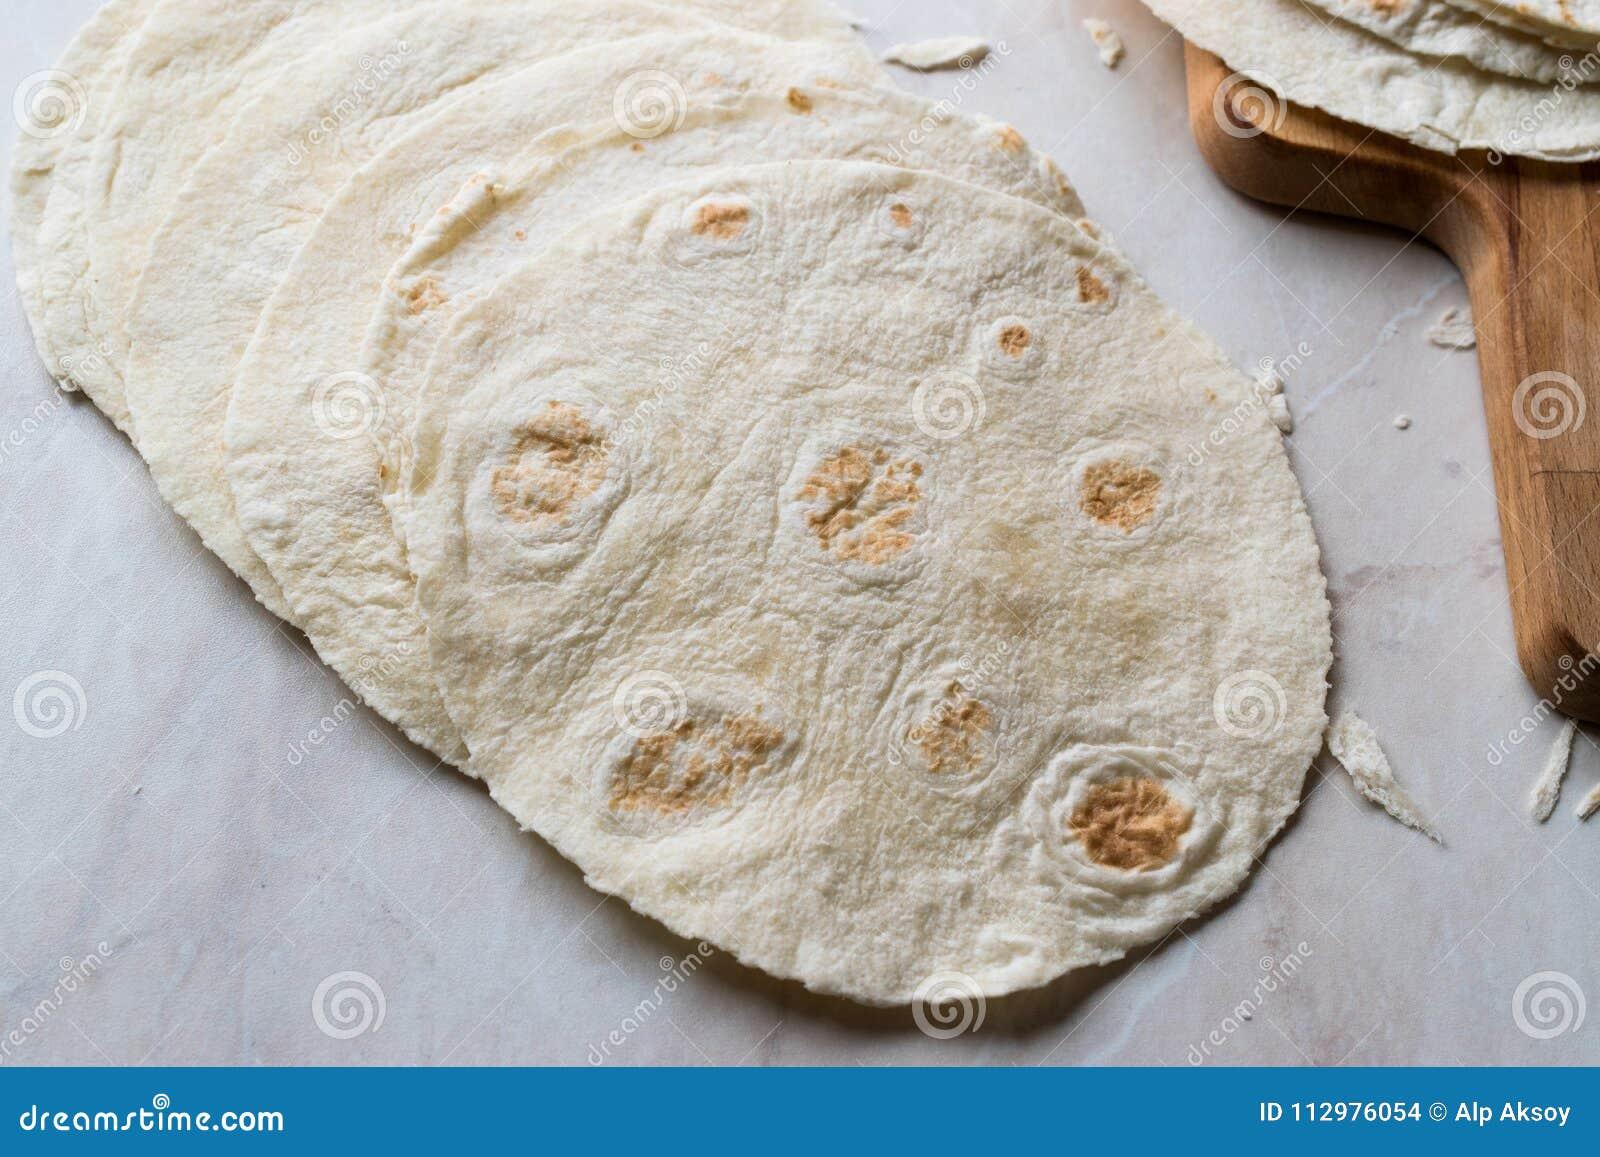 Homemade Mexican Tortillas for Tostada